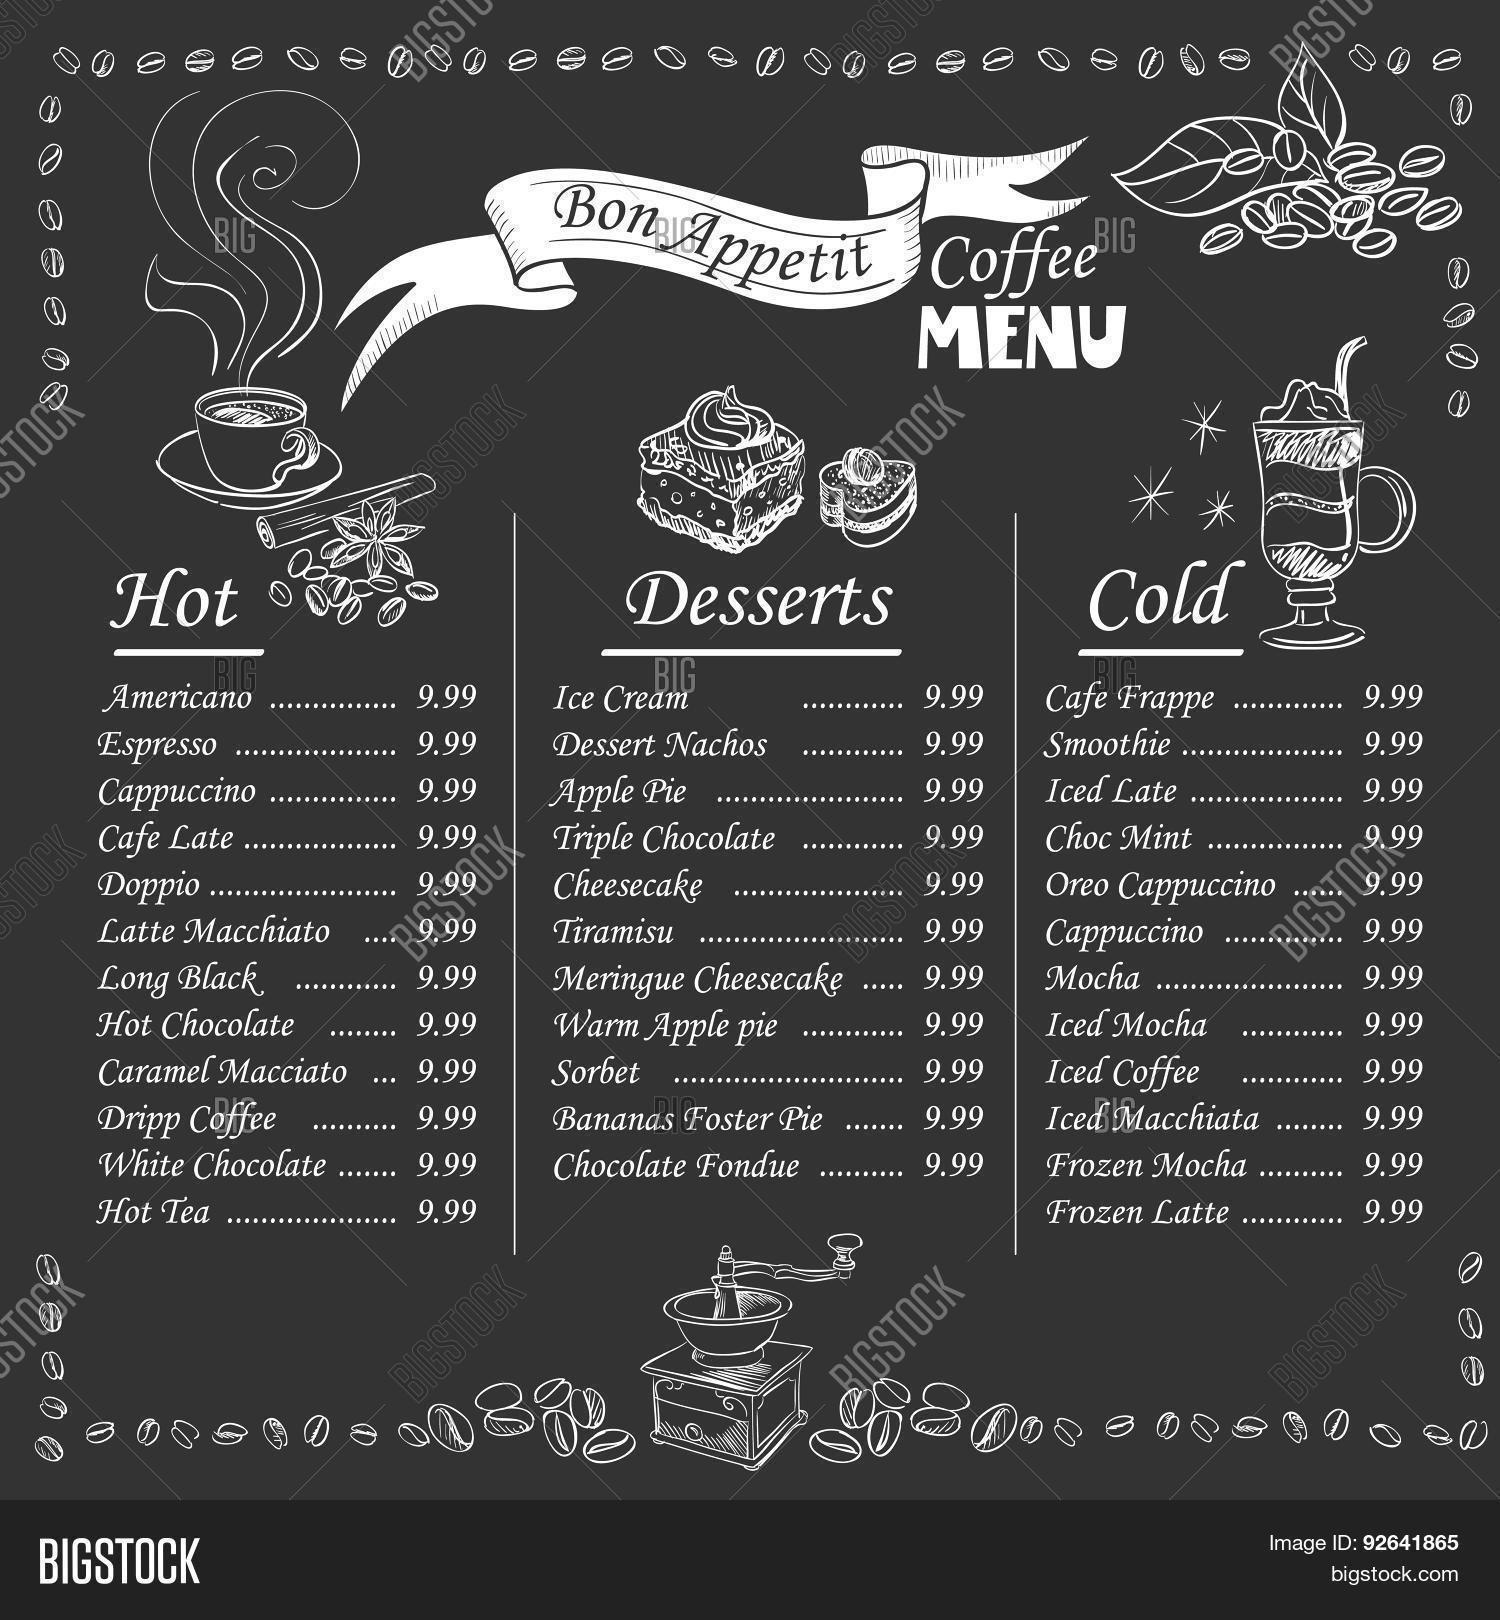 Coffee Cartel Food Menu